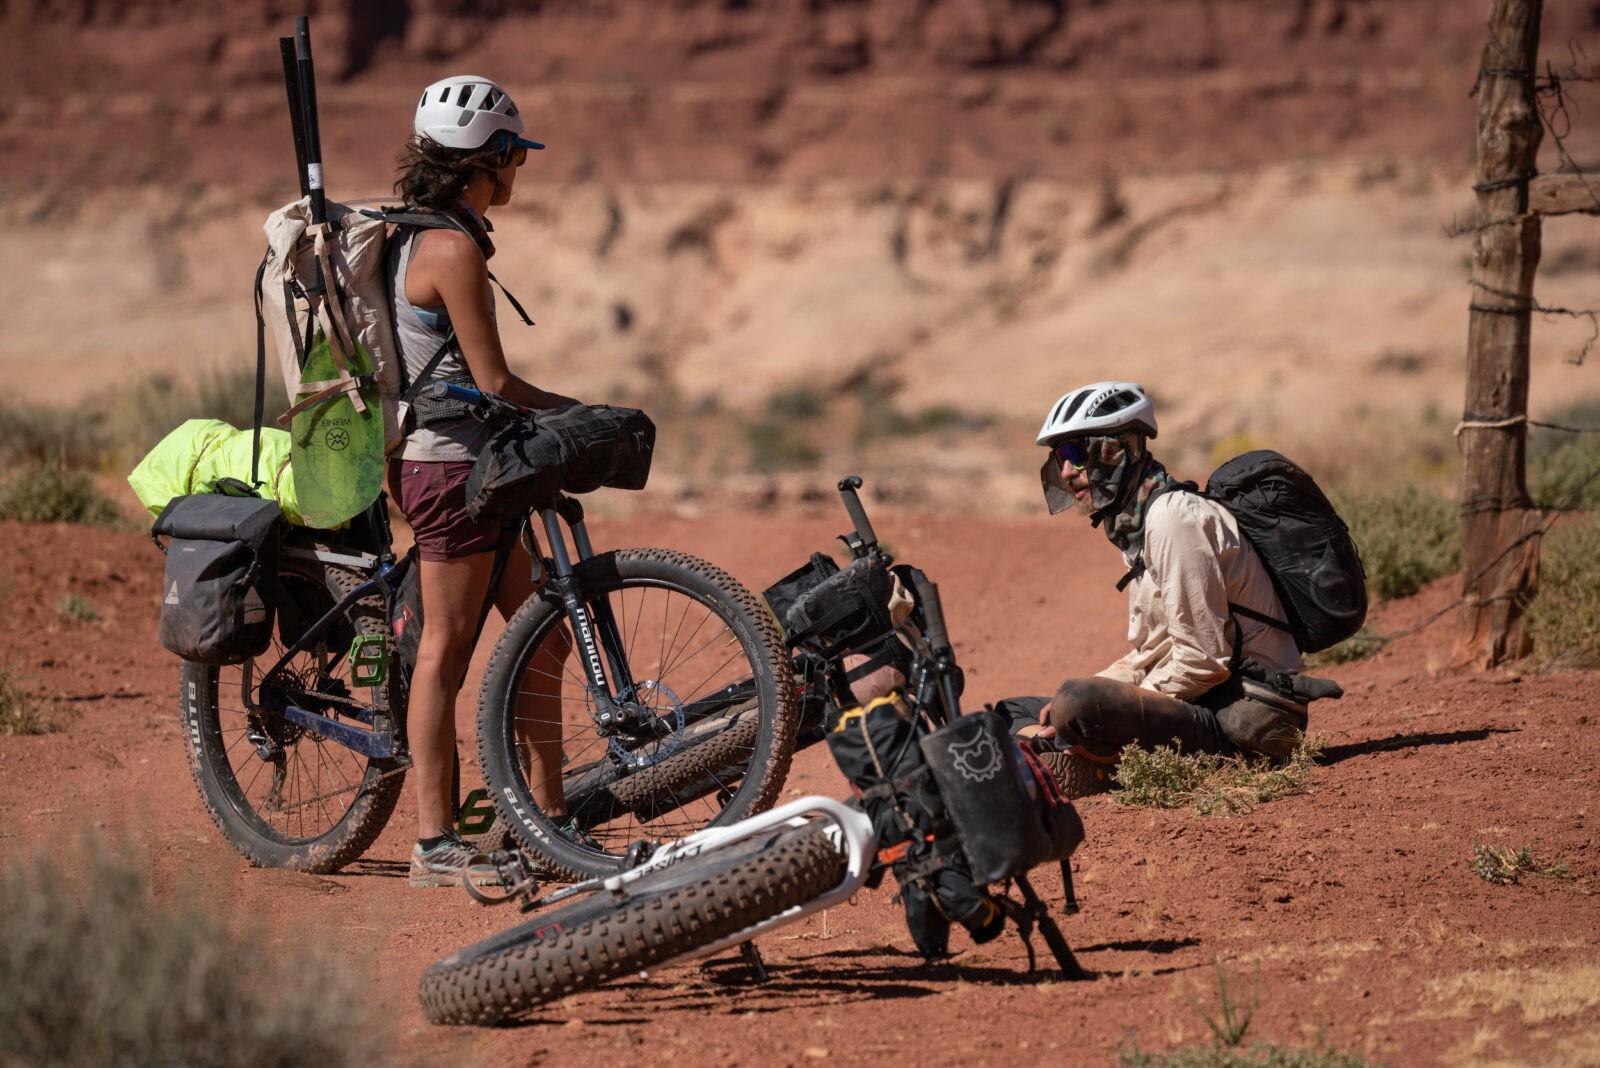 bikeraft kit